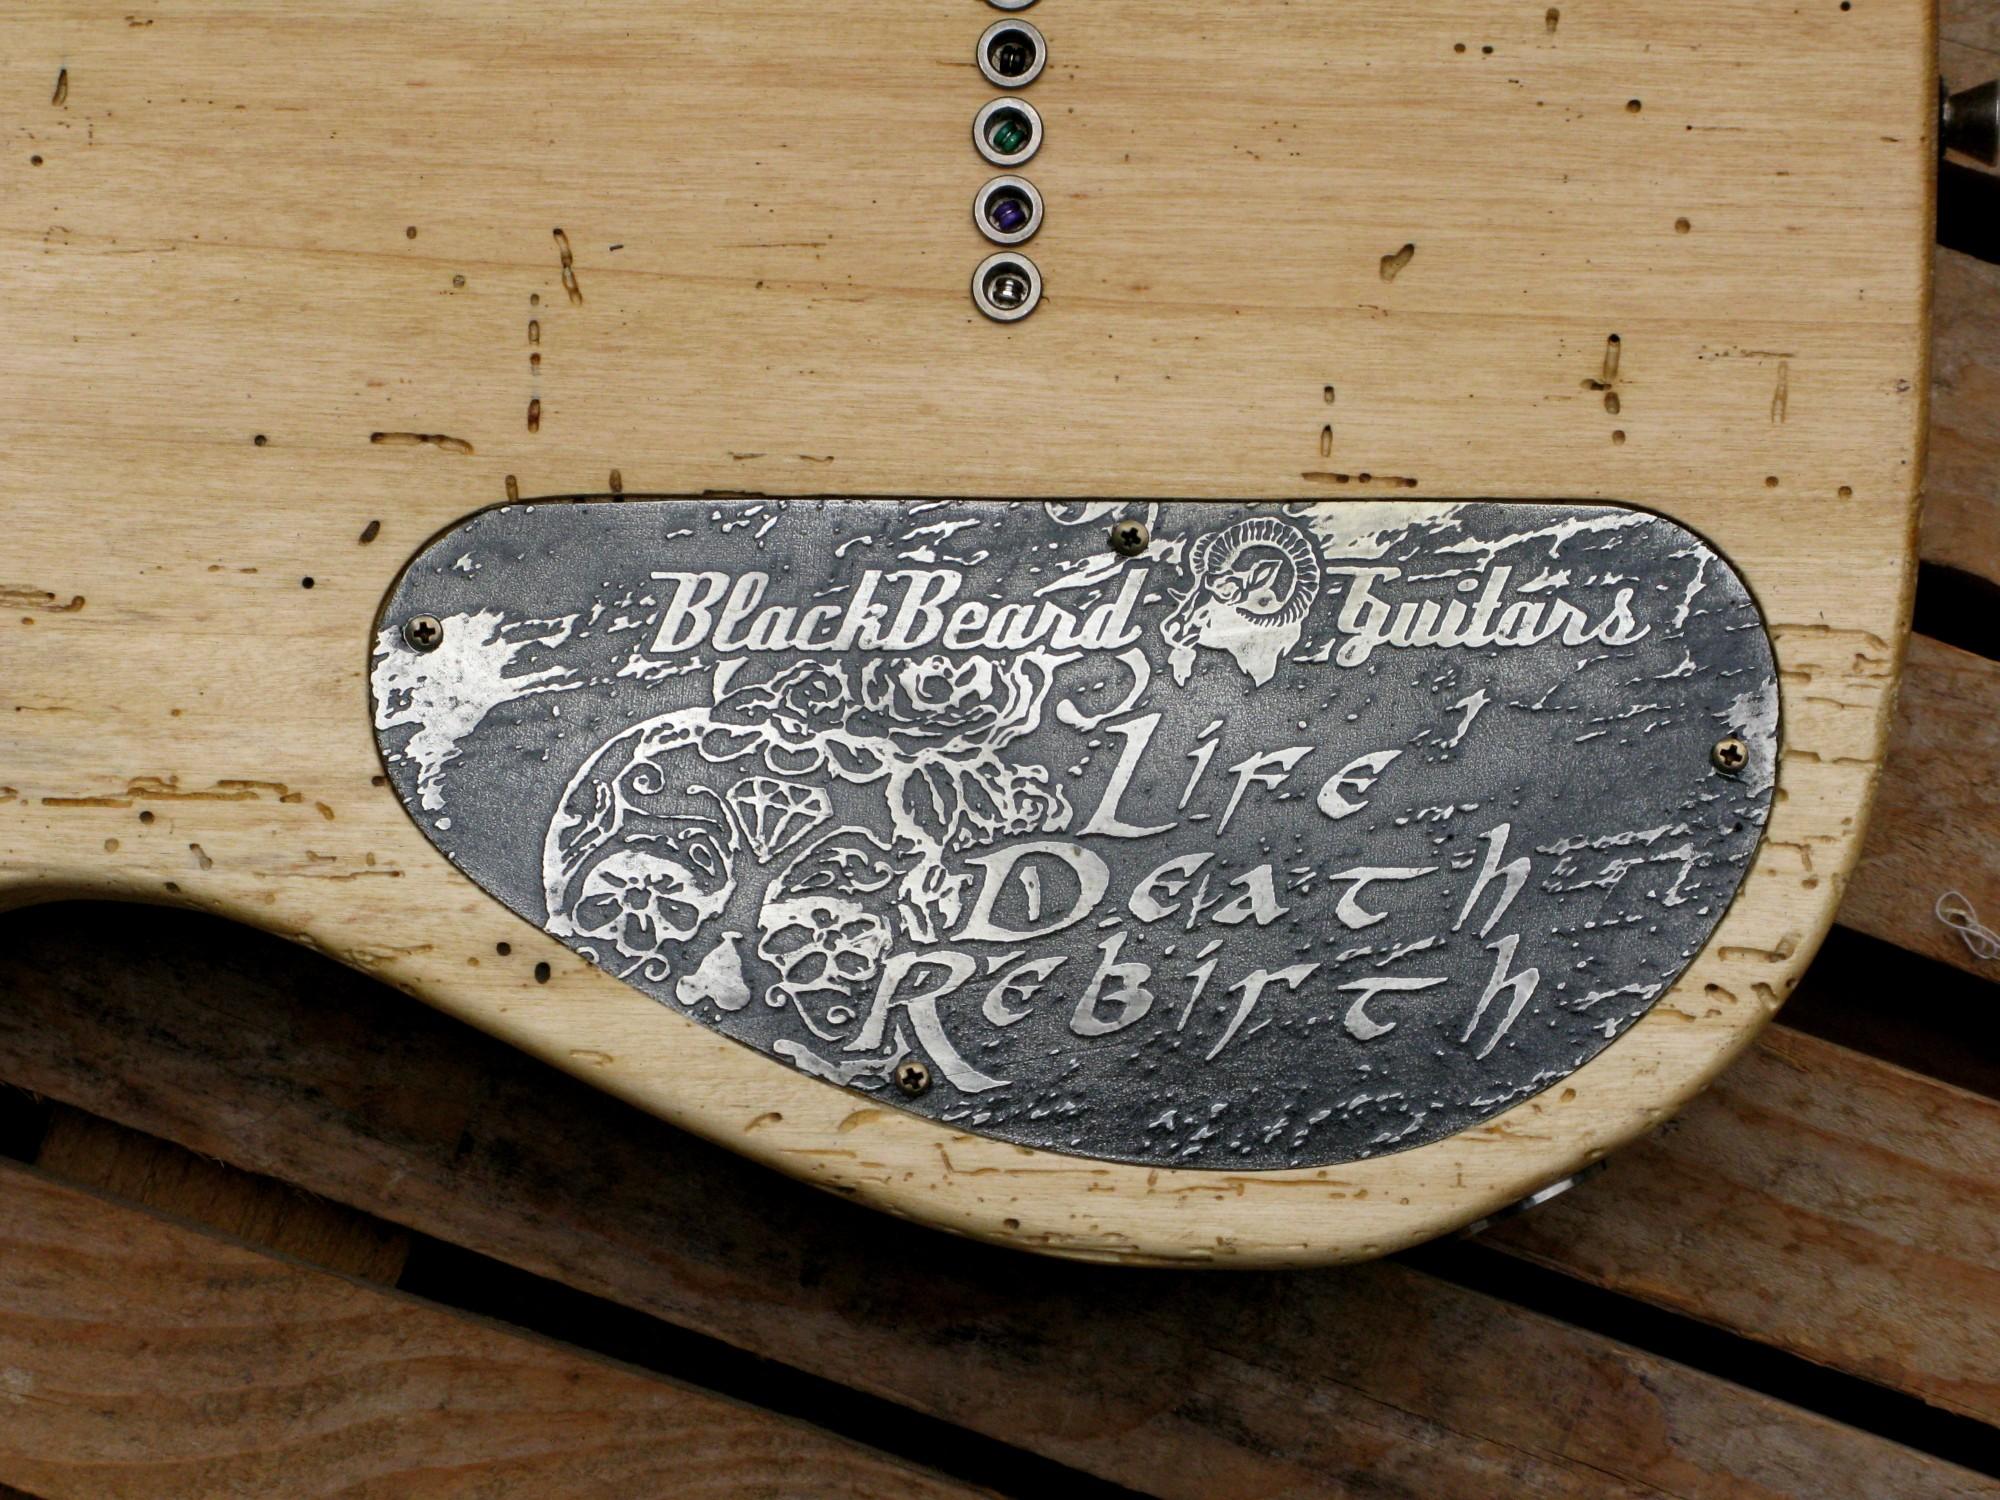 Piastra incisa sul retro del body di una Telecaster in pioppo secolare e manico in zebrano